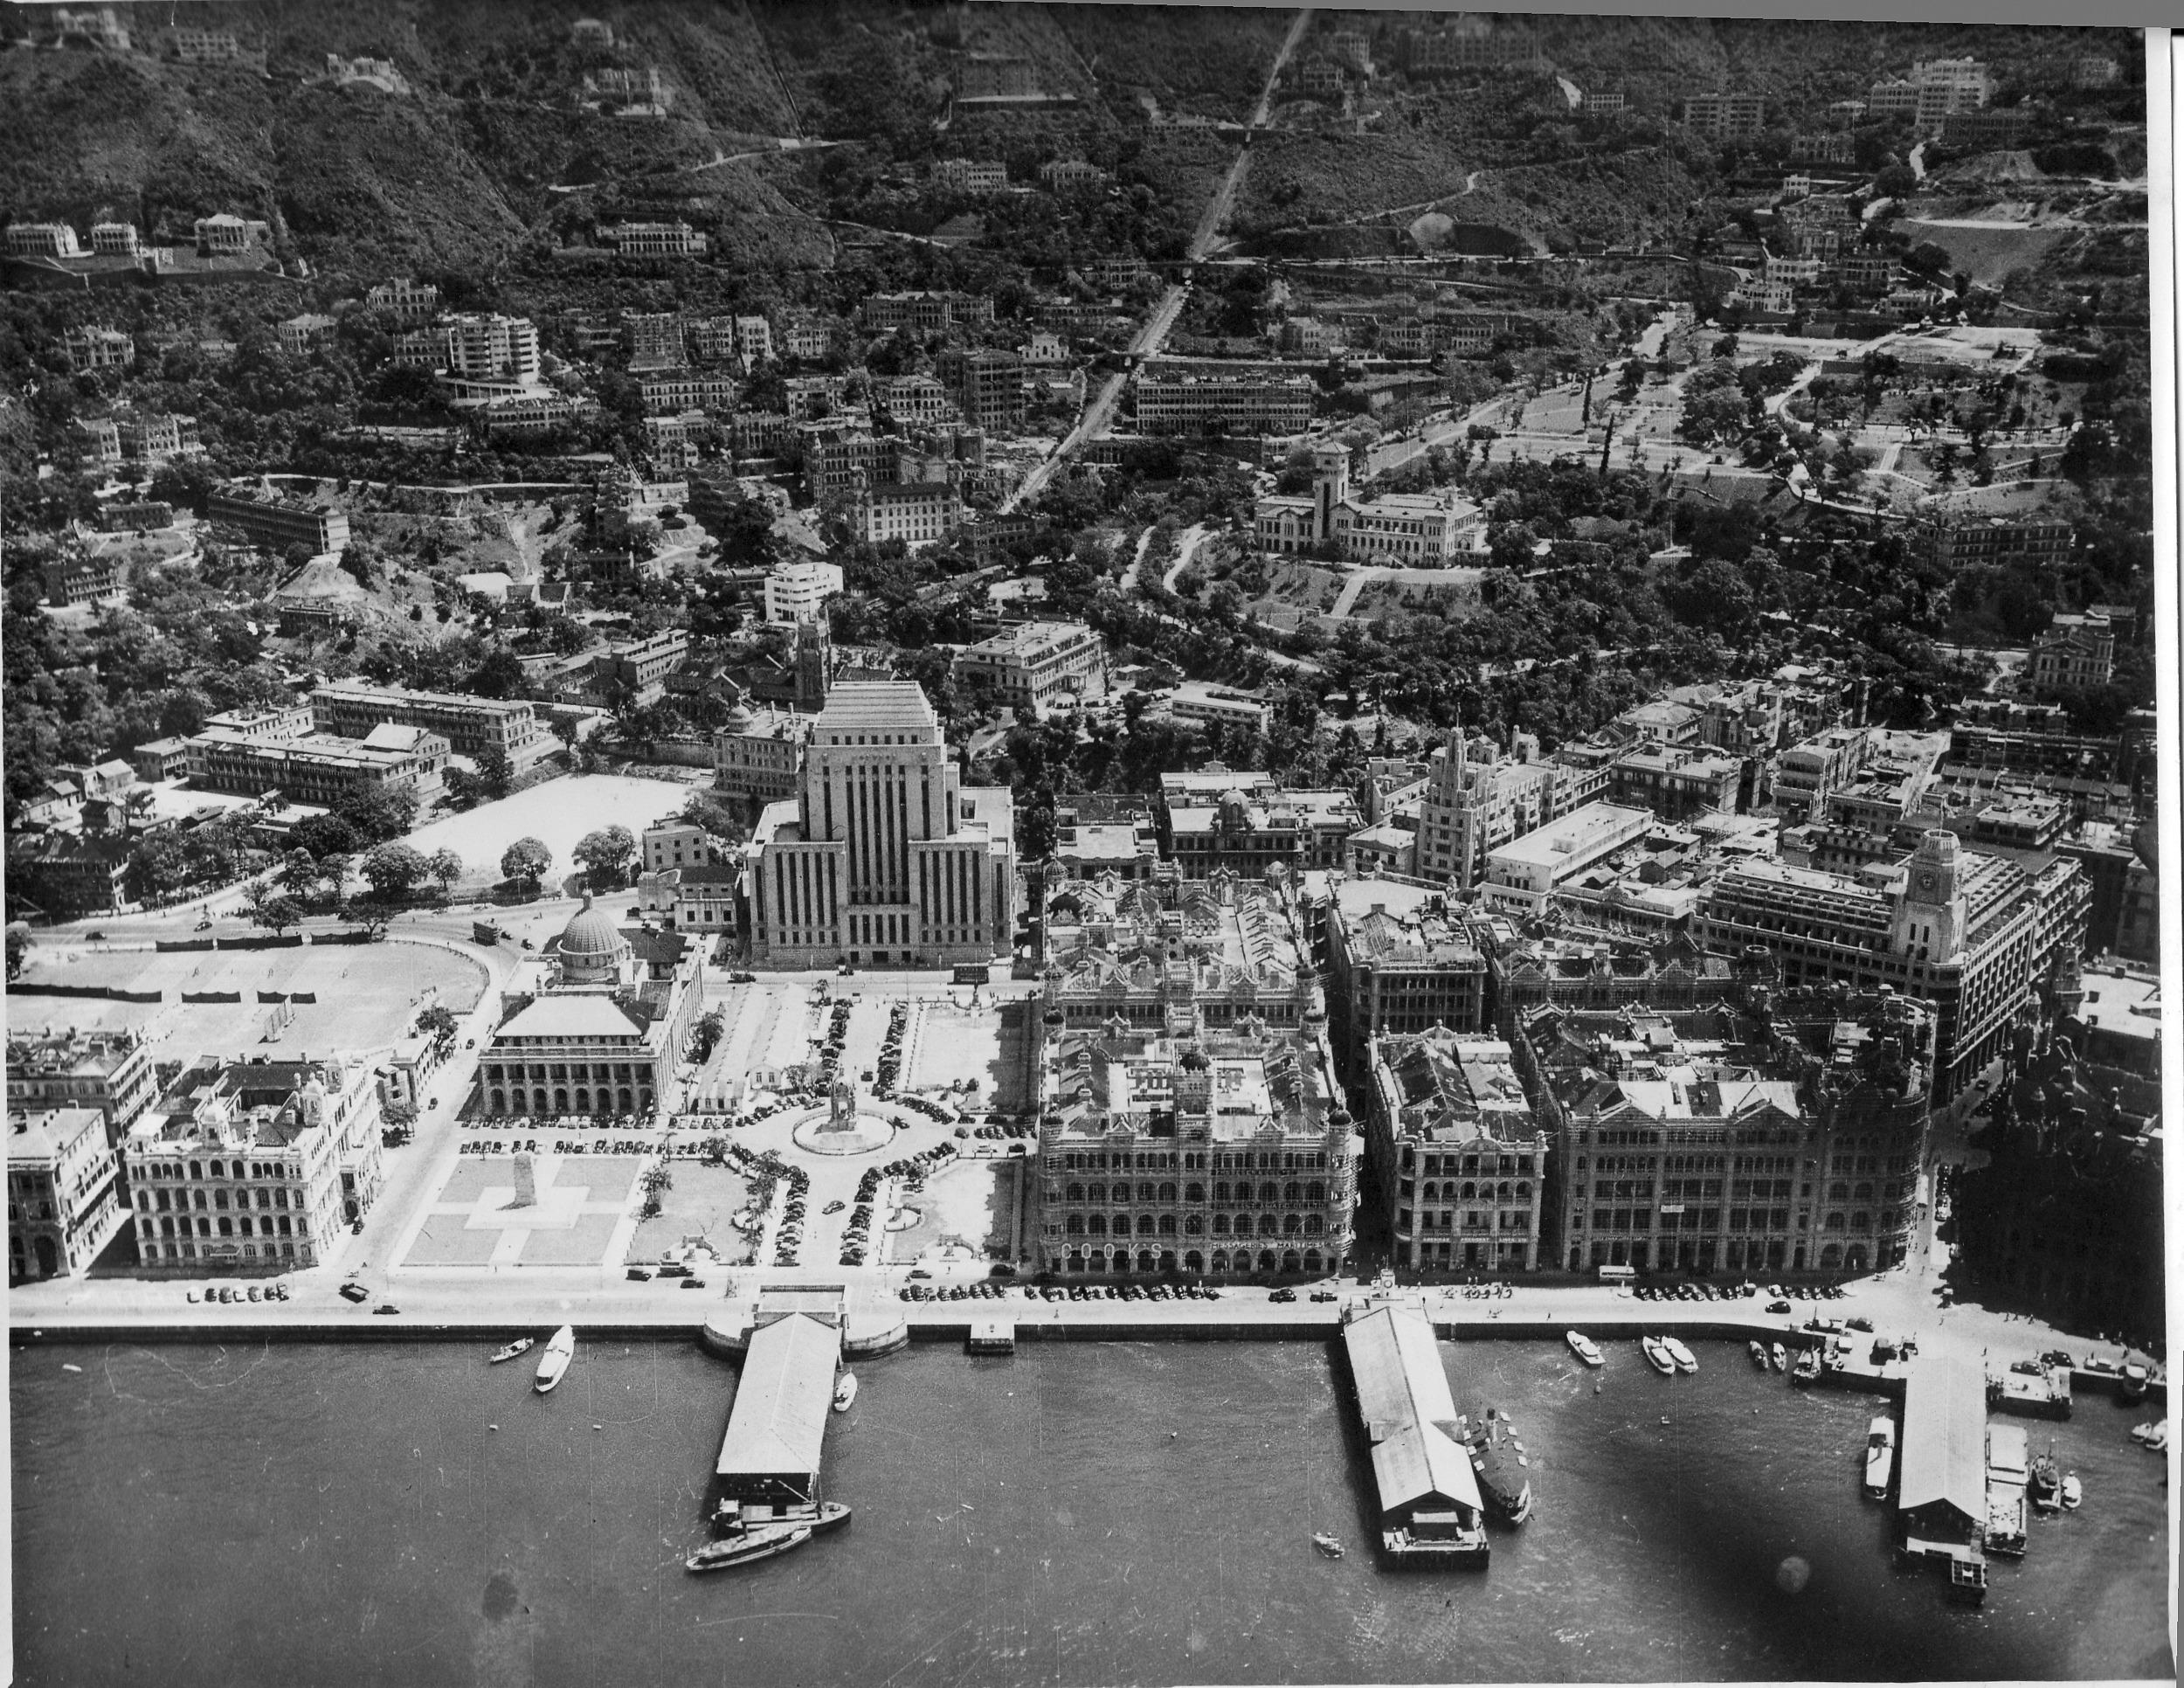 The Hong Kong and Shanghai Bank dominates central Hong Kong, postwar photo